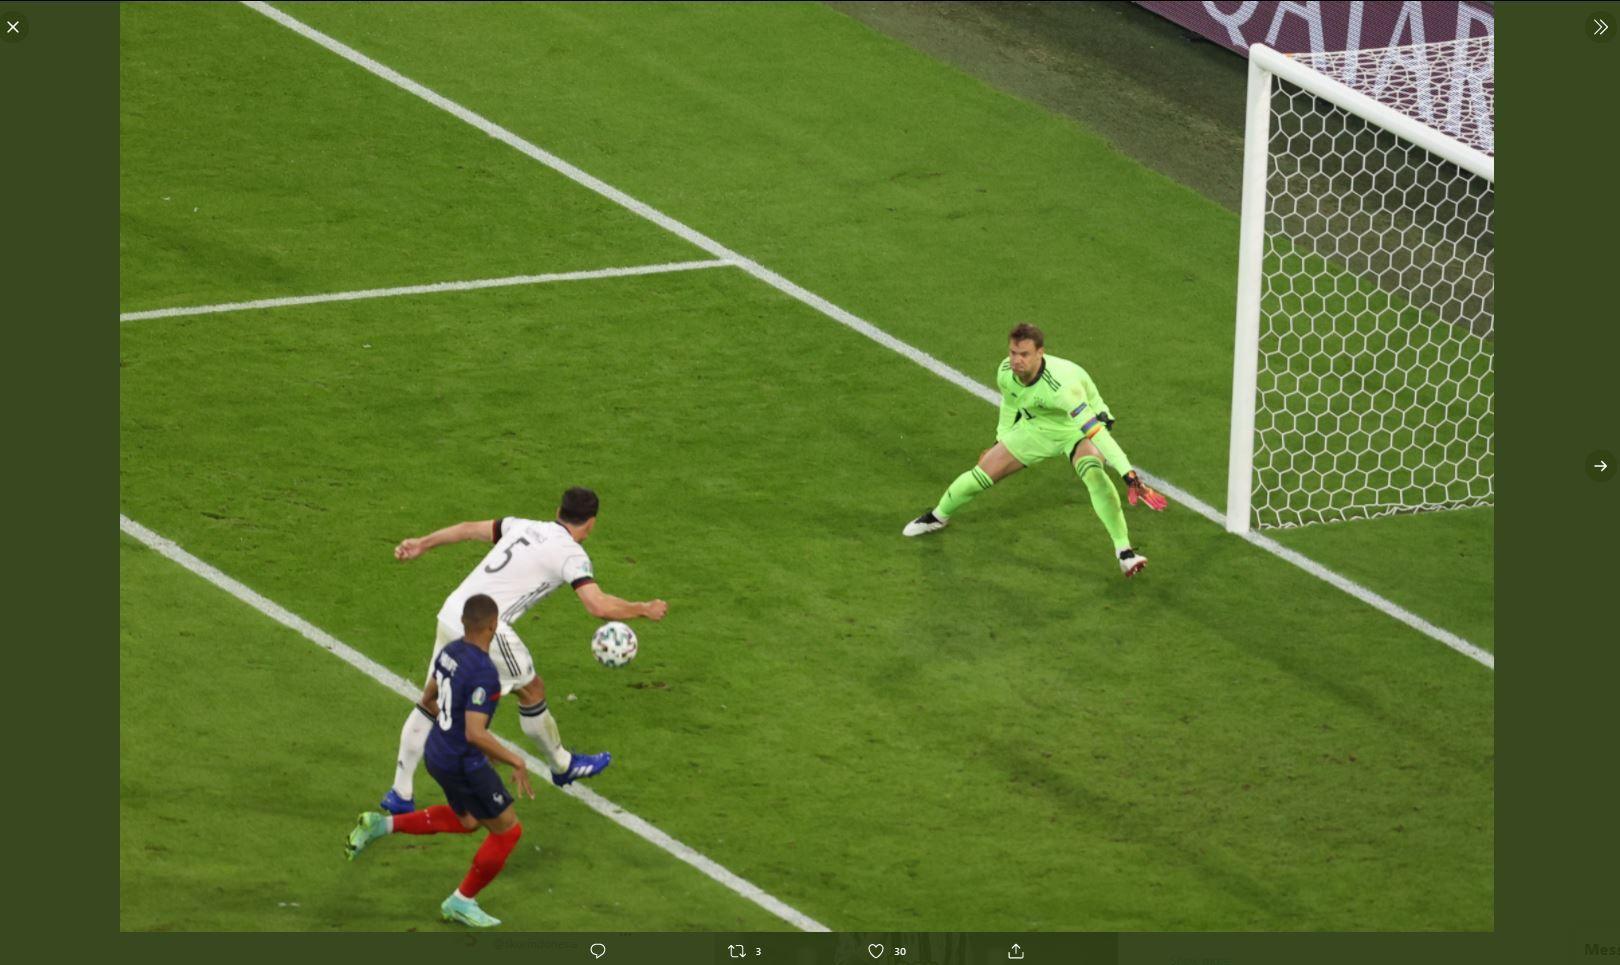 Momen Mats Hummels mencetak gol bunuh diri yang membuat Prancis unggul atas Jerman di Piala Eropa 2020 (Euro 2020).